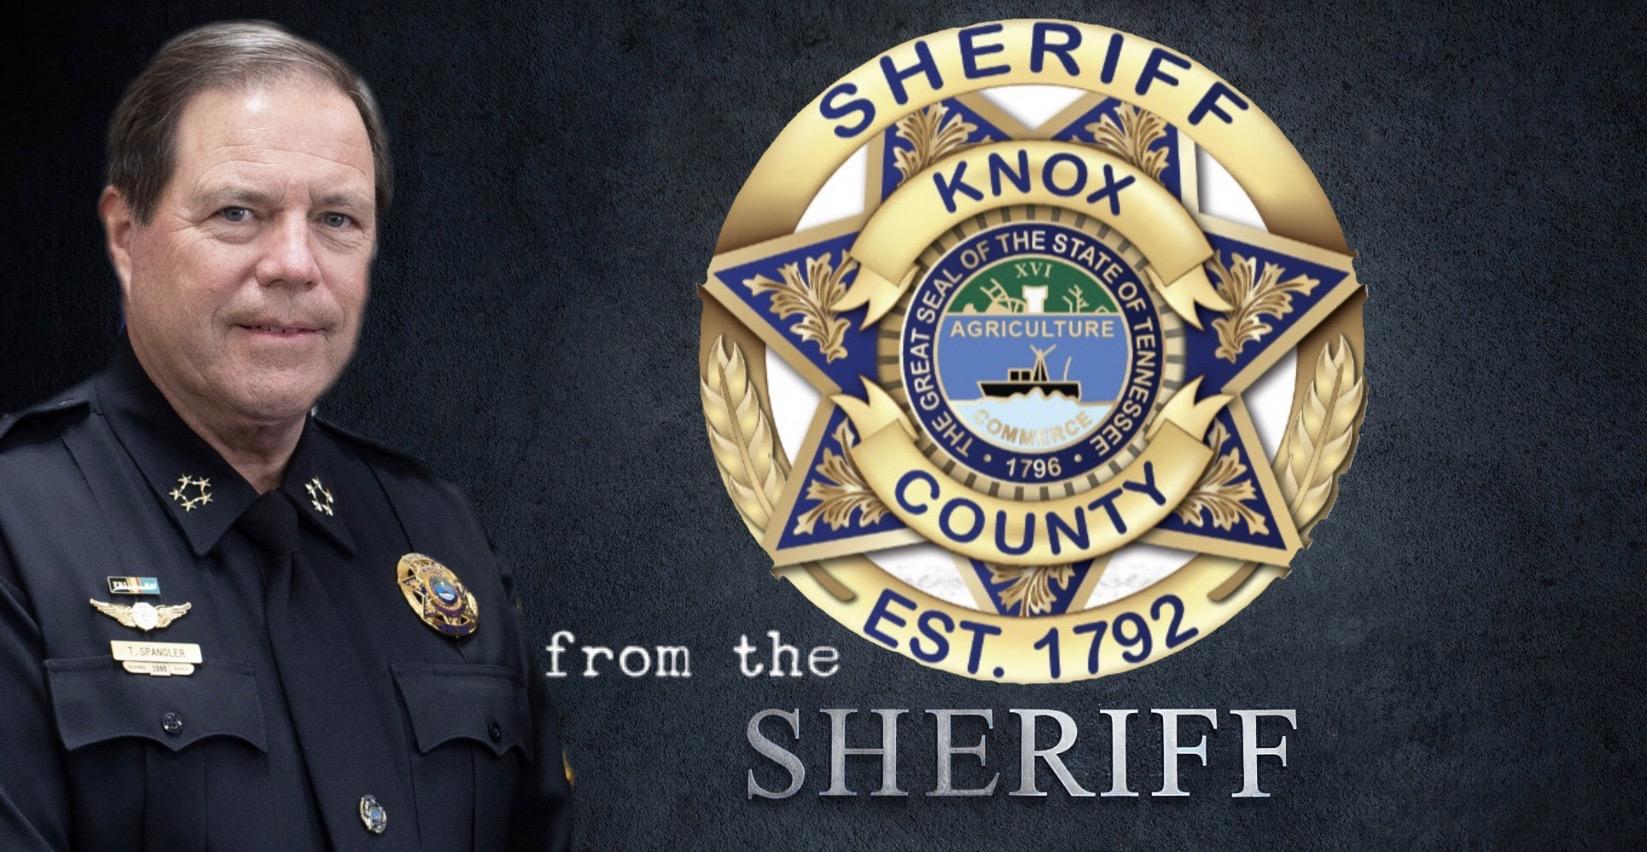 Sheriff, KCSO badge, over black background